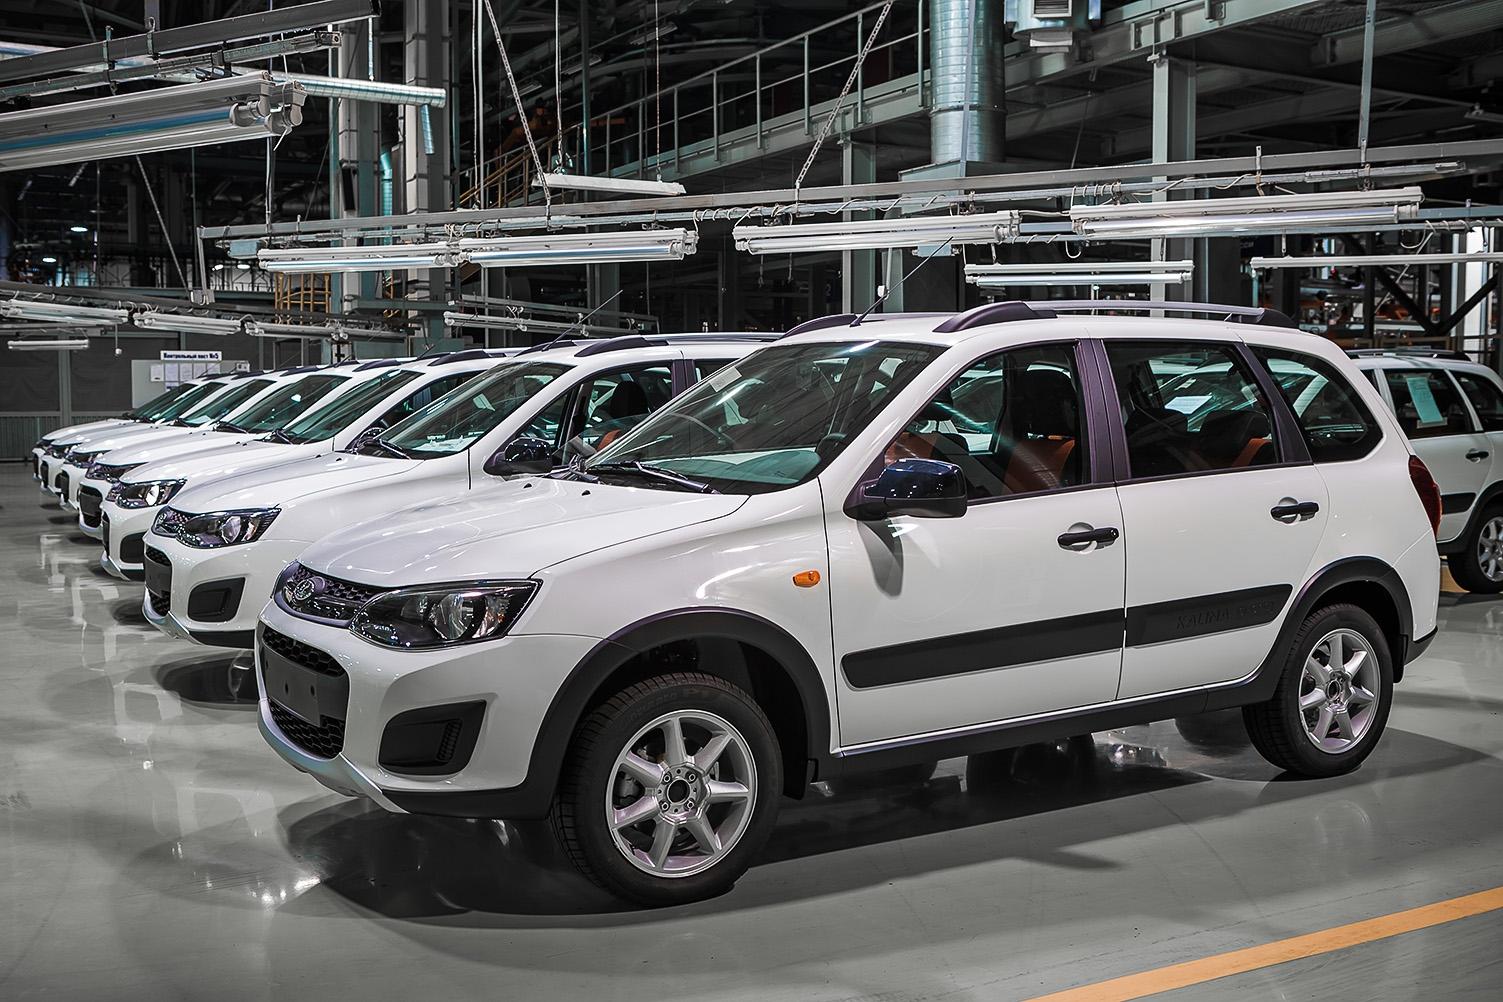 АвтоВАЗ собрал первый экземпляр Lada Kalina Cross